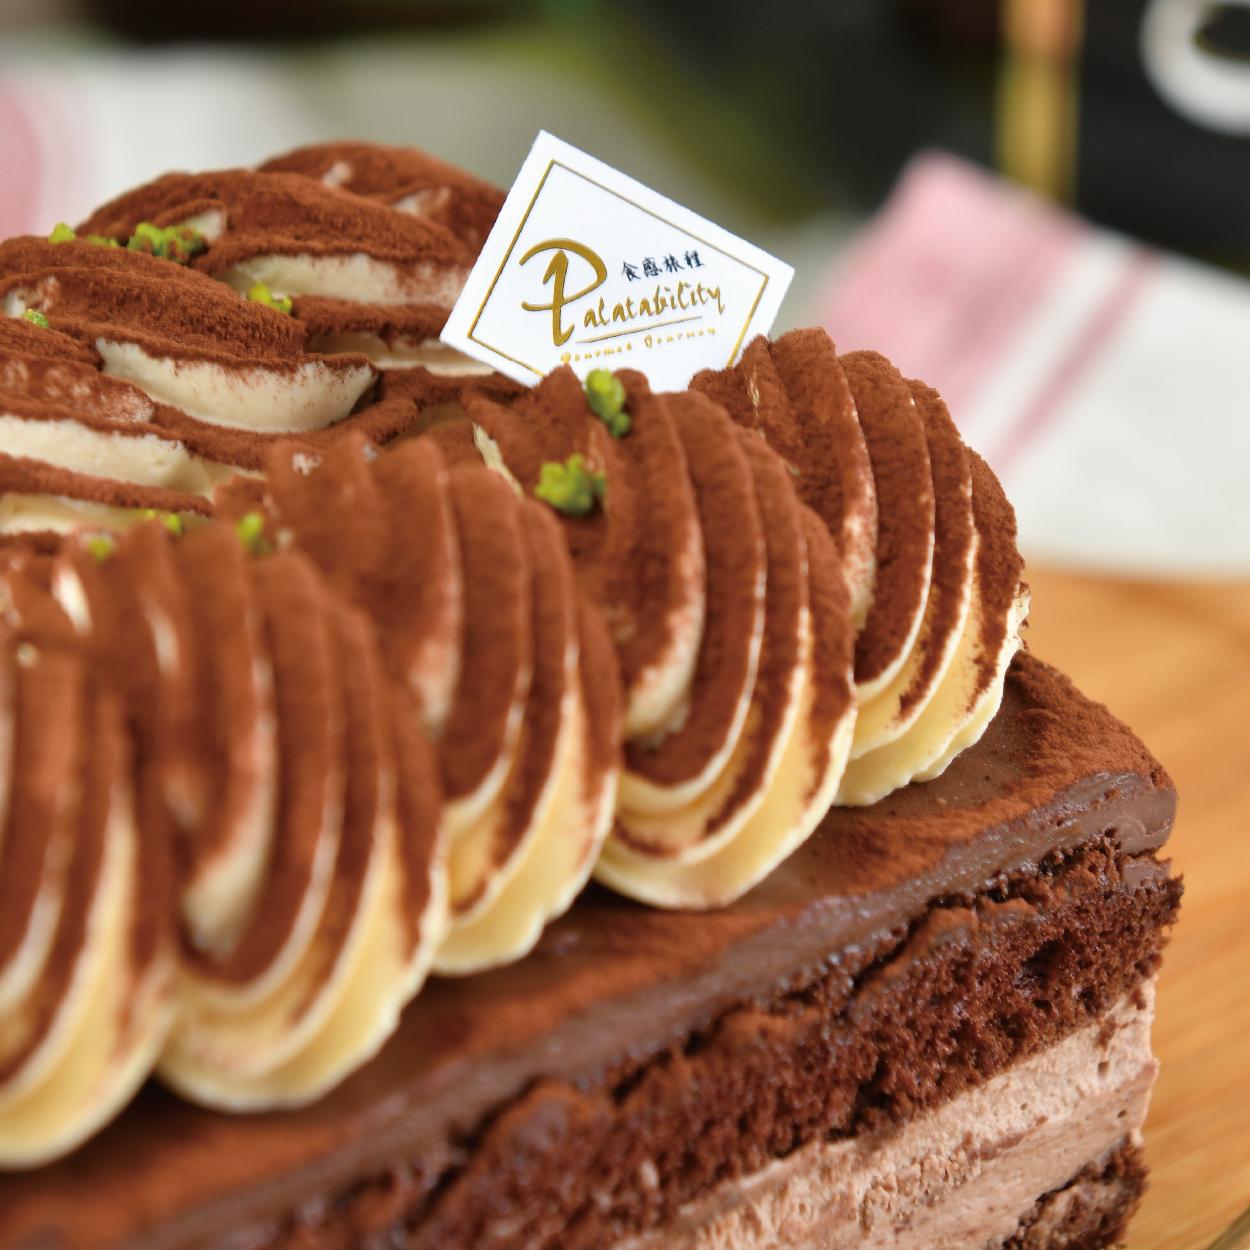 ◆含運費◆黑爵士蛋糕 【千千直播推薦】貝禮詩奶酒 / 法國進口巧克力 / 酒漬櫻桃 / 屬於大人的甜點【食感旅程Palatability】